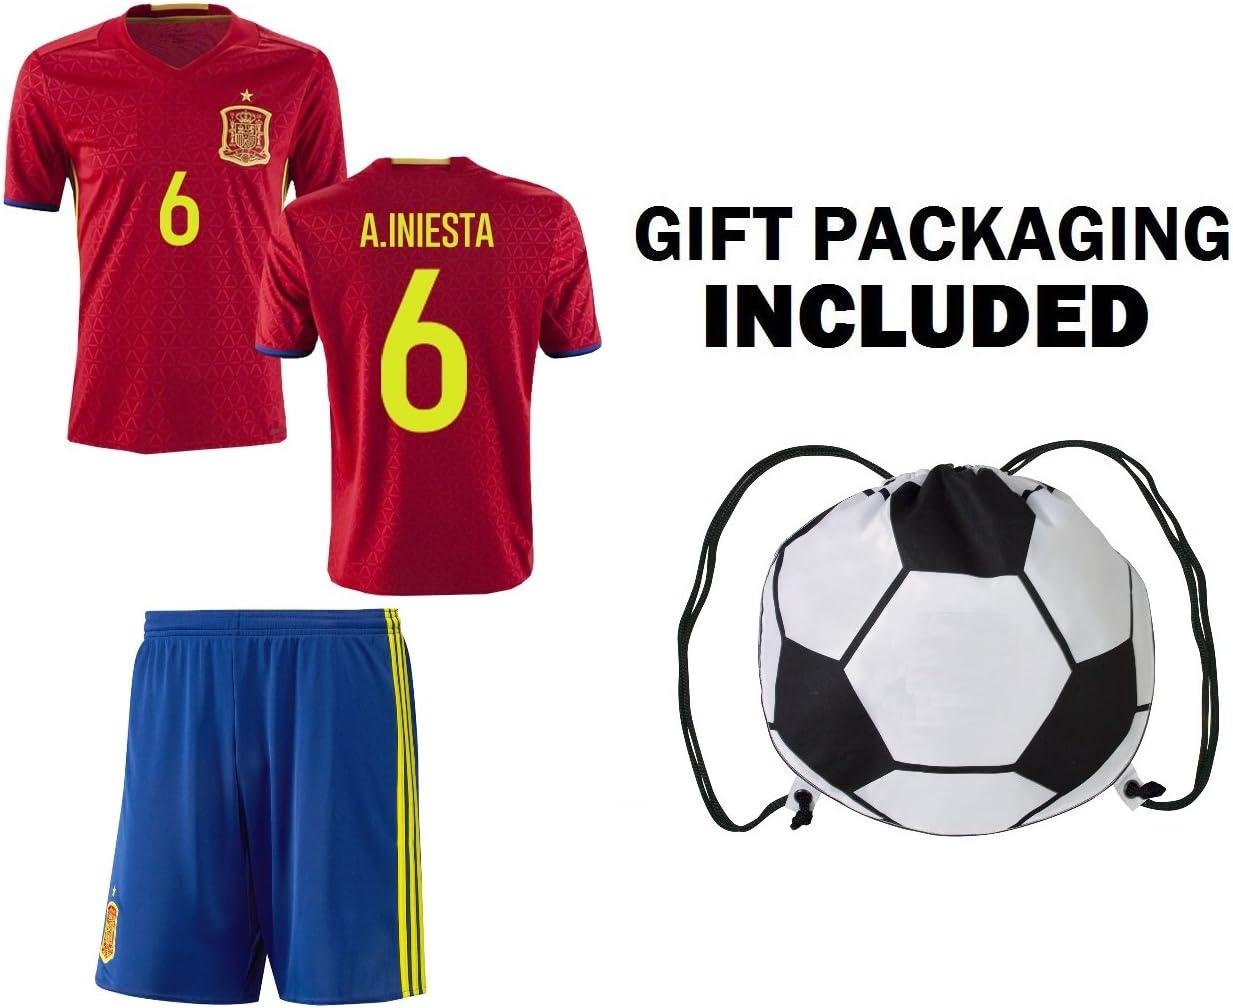 Ventilador - Mochila para niños España Iniesta # 6 jóvenes Home/away fútbol Jersey y pantalones cortos niños Premium - Mochila para niños de regalo ✮ Bonus balón de fútbol cordón mochila, Home